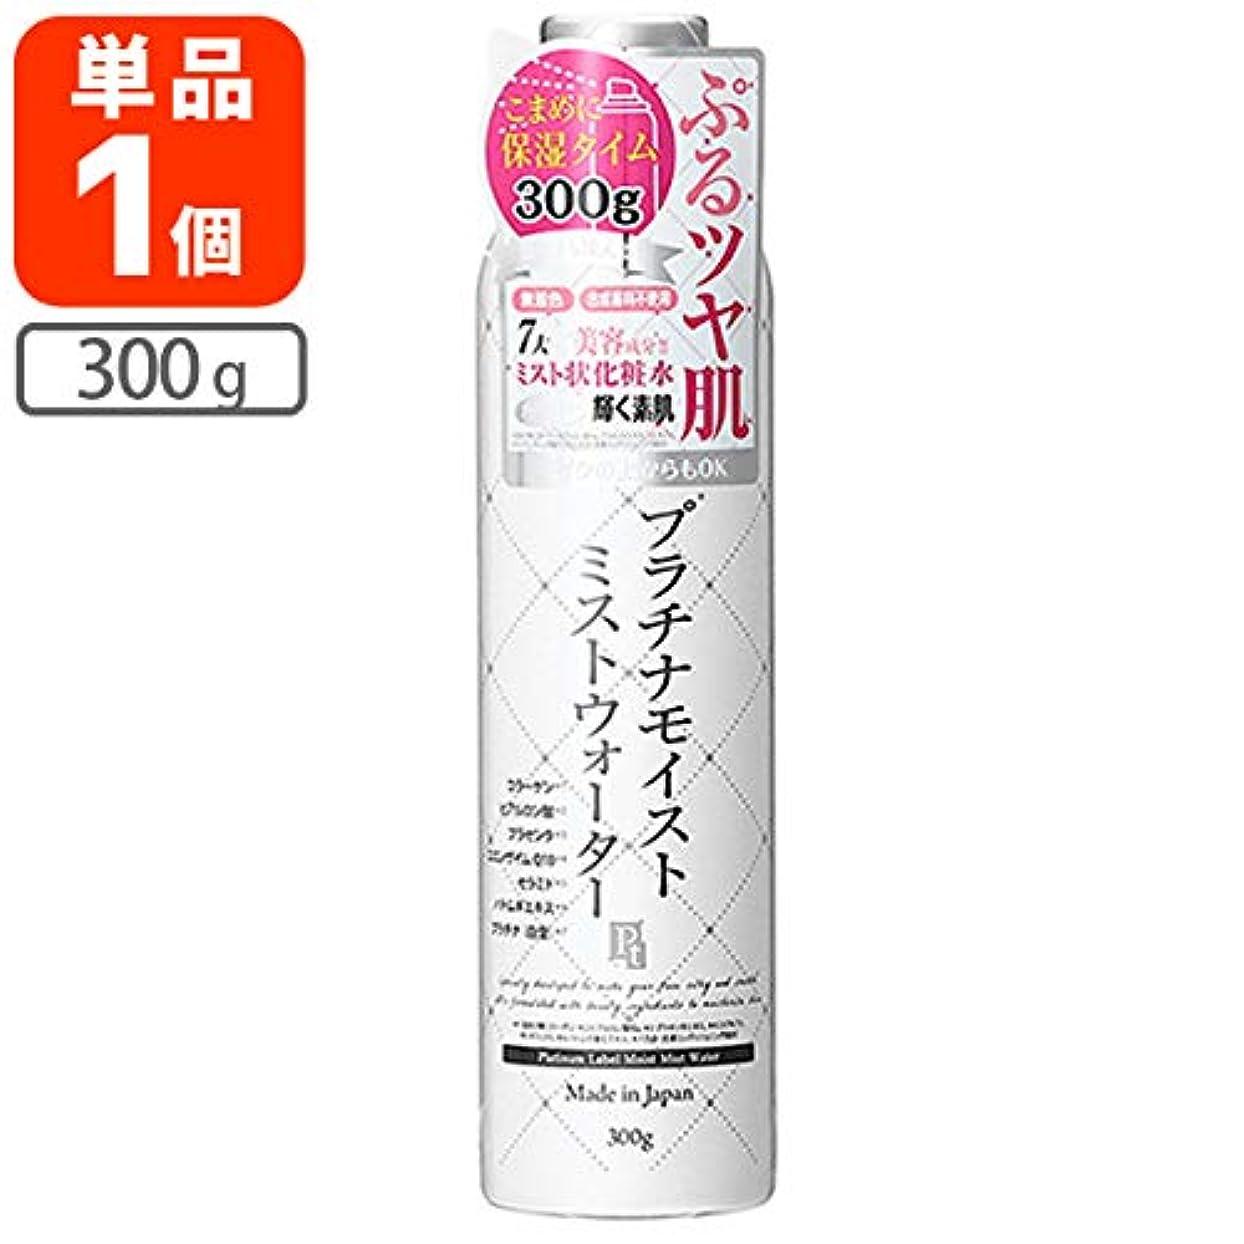 香水のヒープ利用可能ドウシシャ プラチナレーベル プラチナモイストミストウォーター 300g